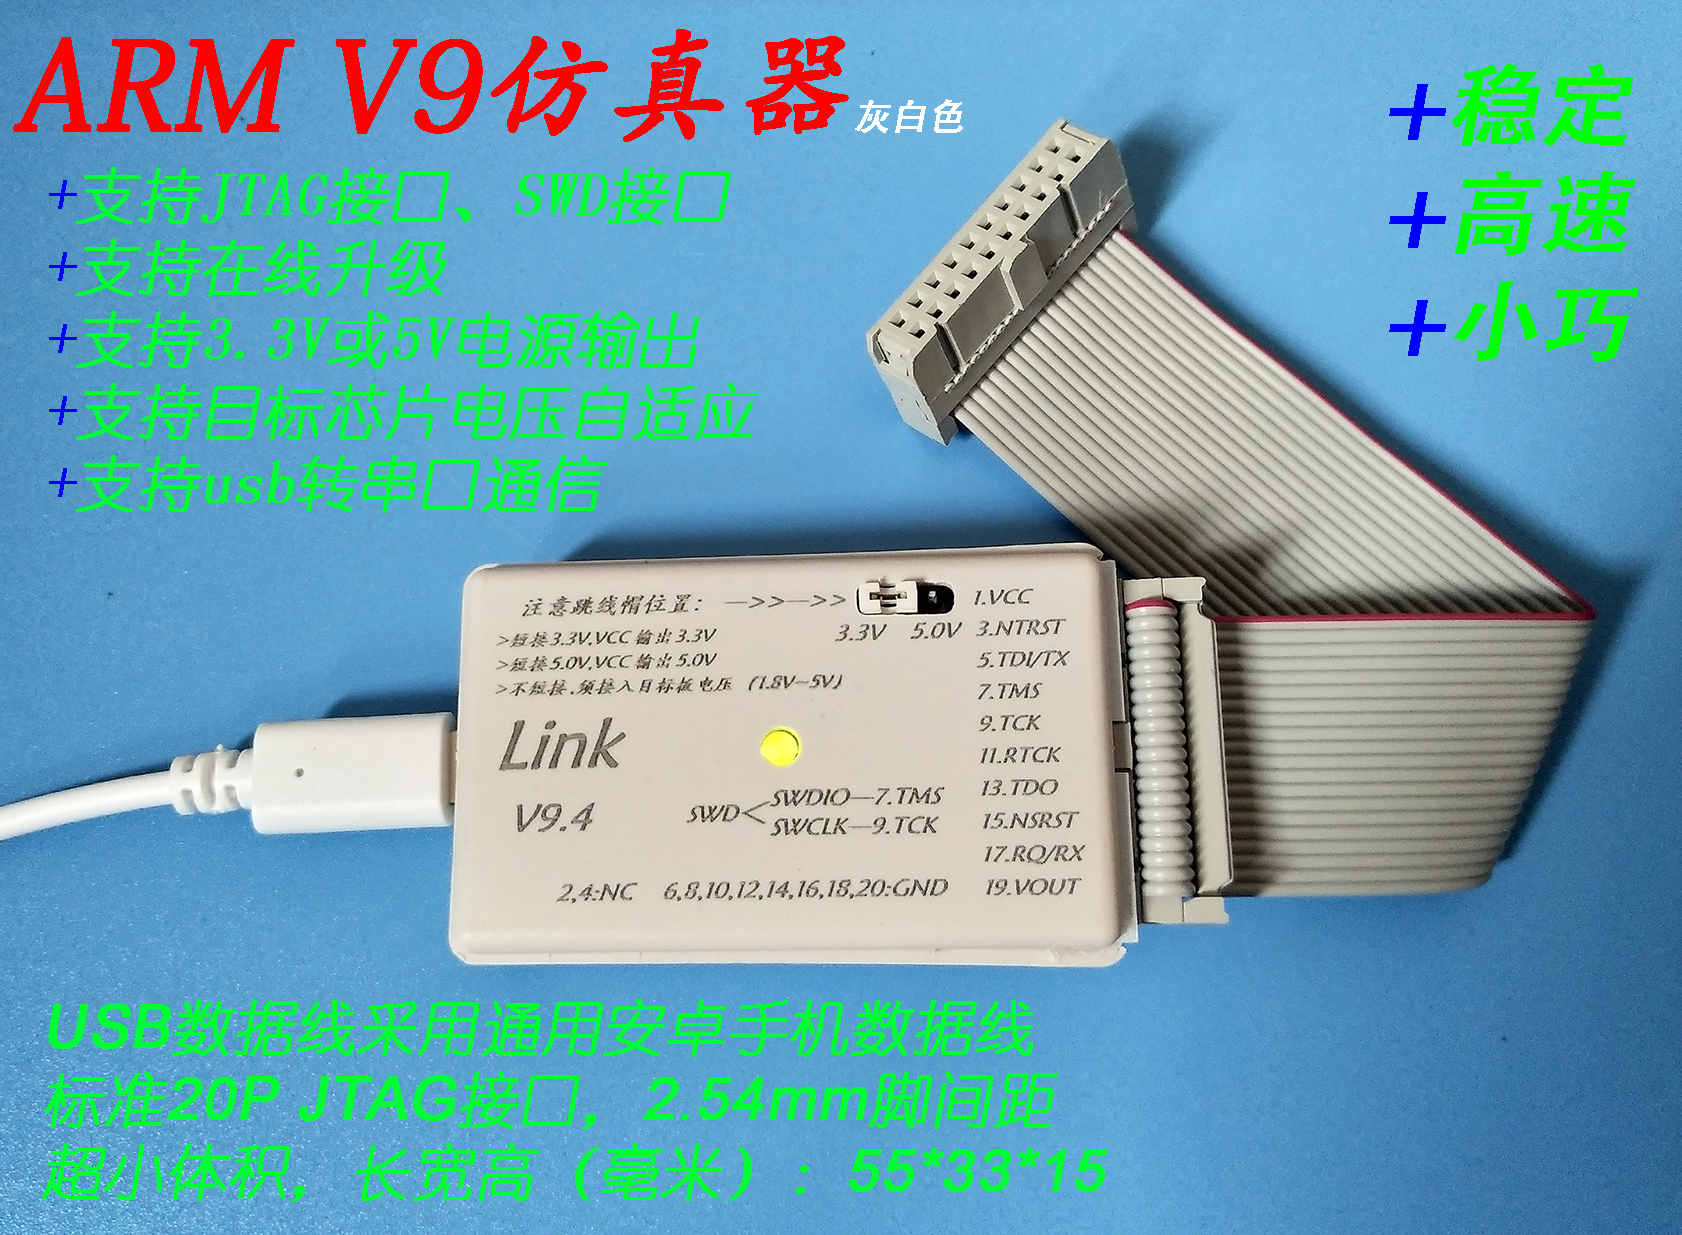 SUPER-JLINK V9 Full Function ARM V9 Emulator, STM32 Emulator<br>